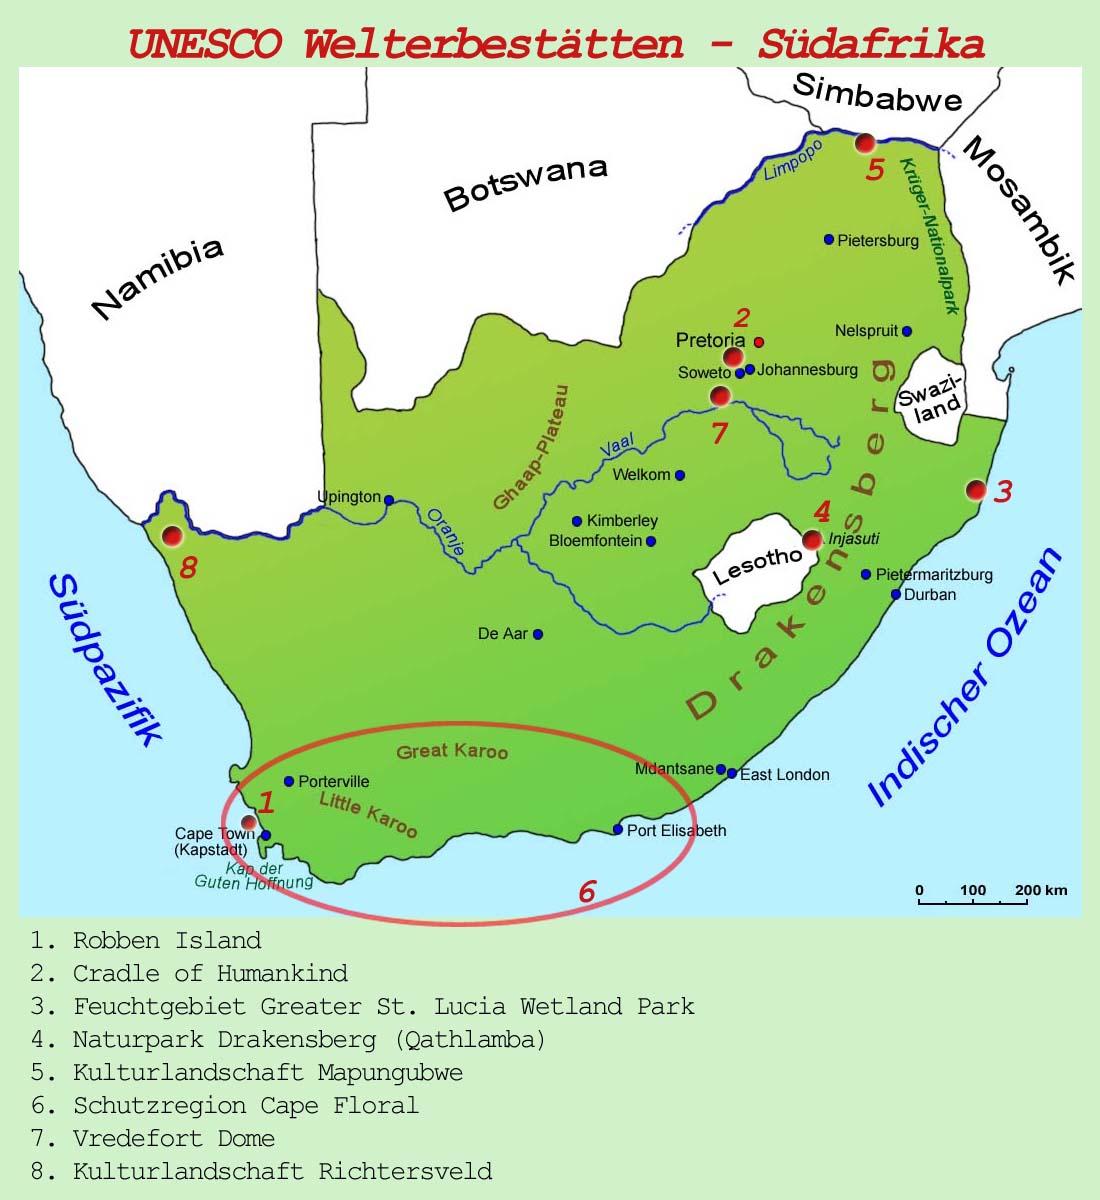 Südafrika Karte Sehenswürdigkeiten.Südafrika Unesco Welterbestätten Länder Südafrika Goruma